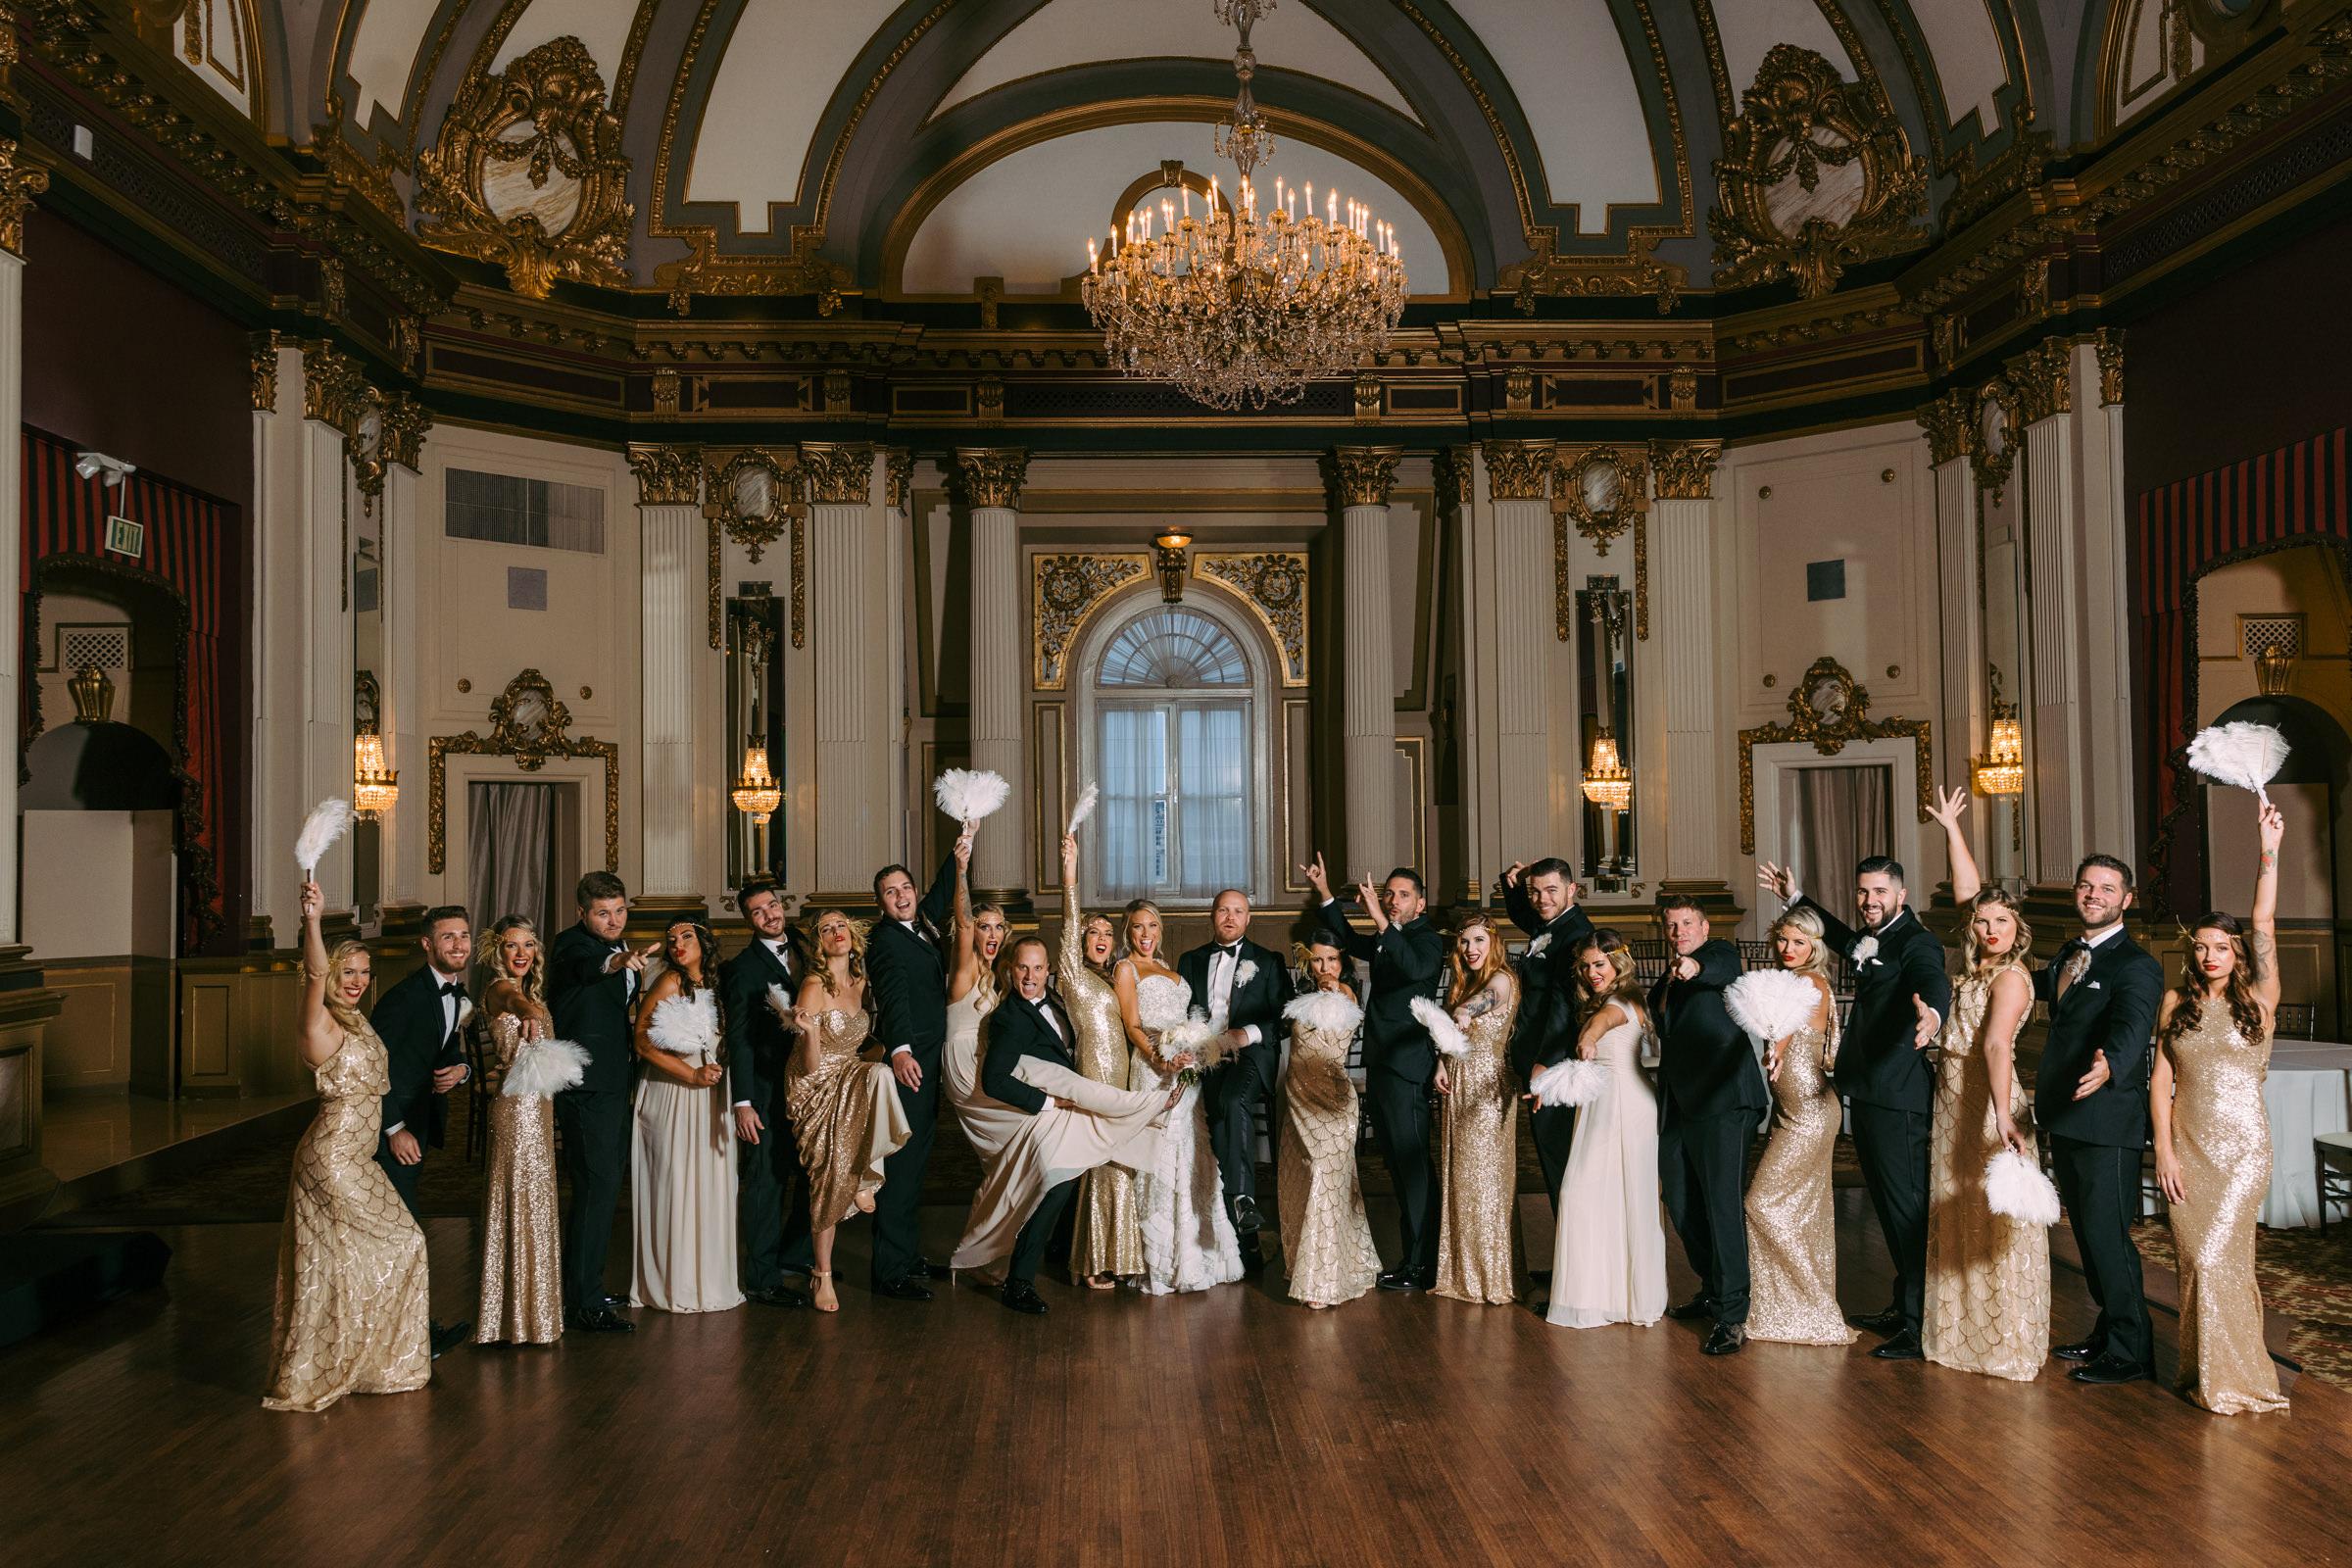 Elegant wedding party group shot - photographed by Nat Wongsaroj - Washington D.C.